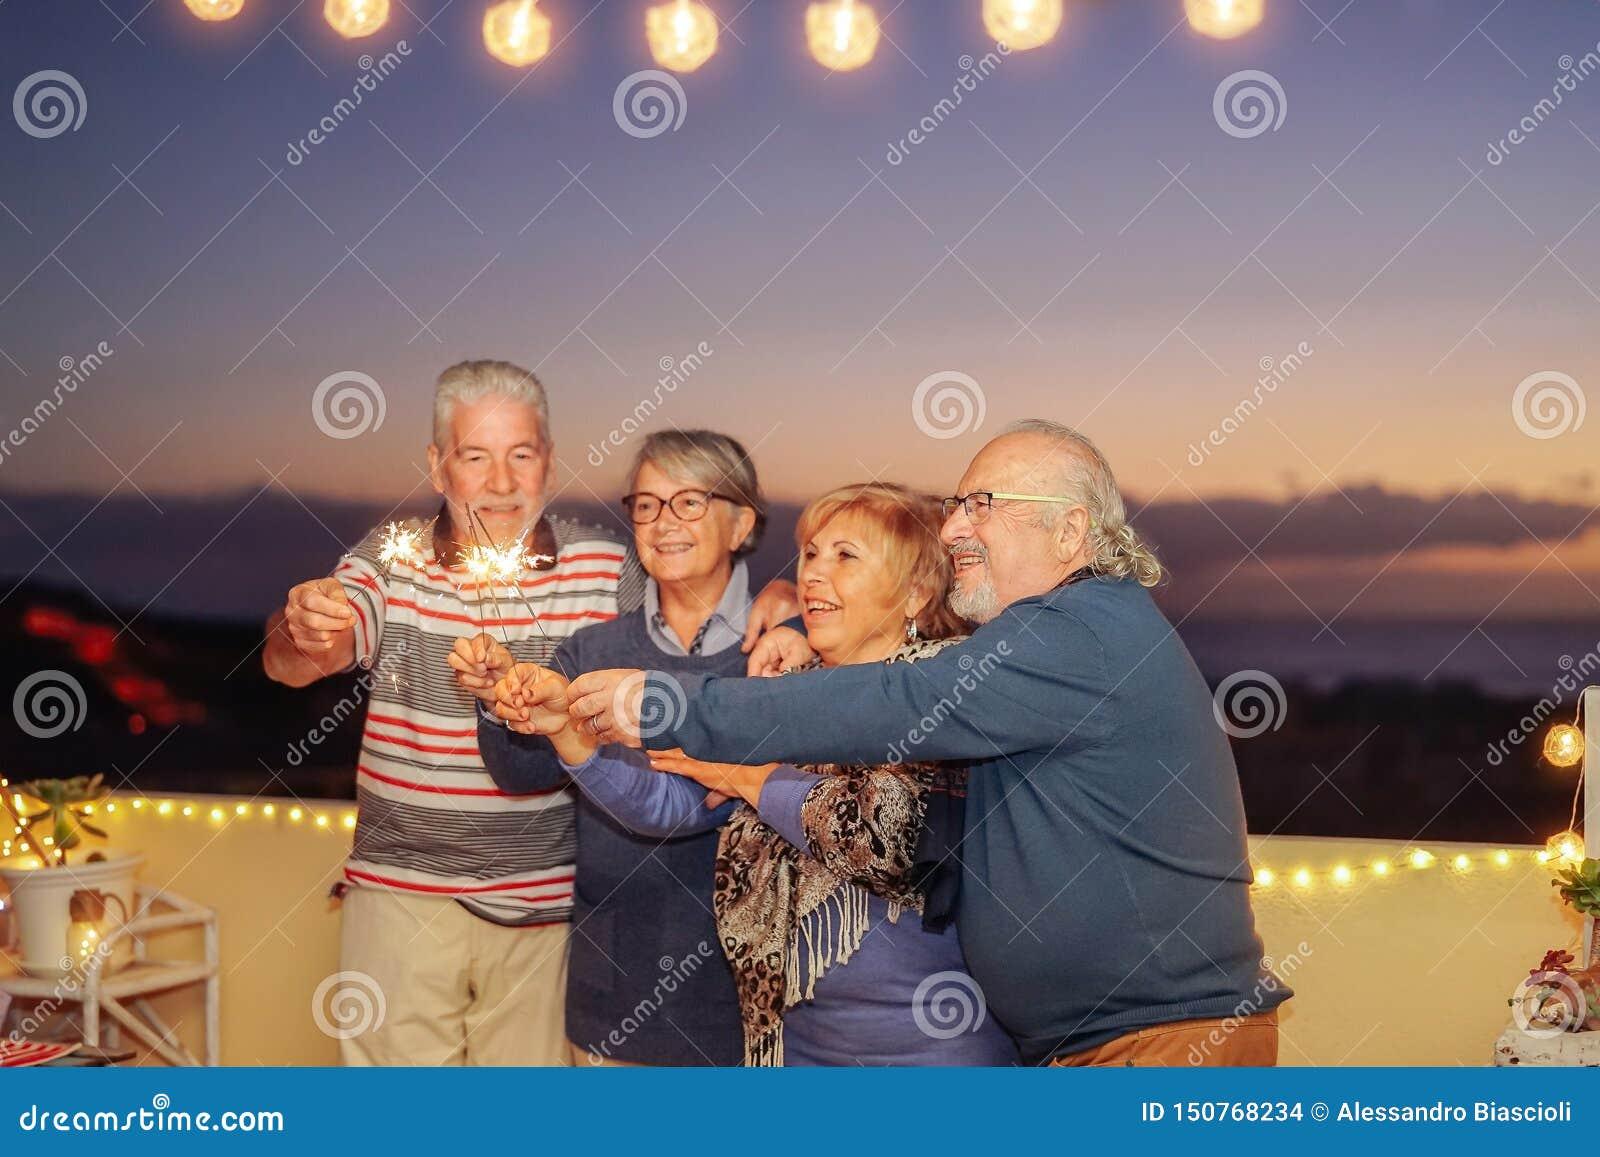 庆祝与闪烁发光物的愉快的资深朋友生日夏夜担任主角室外-老人获得乐趣在大阳台